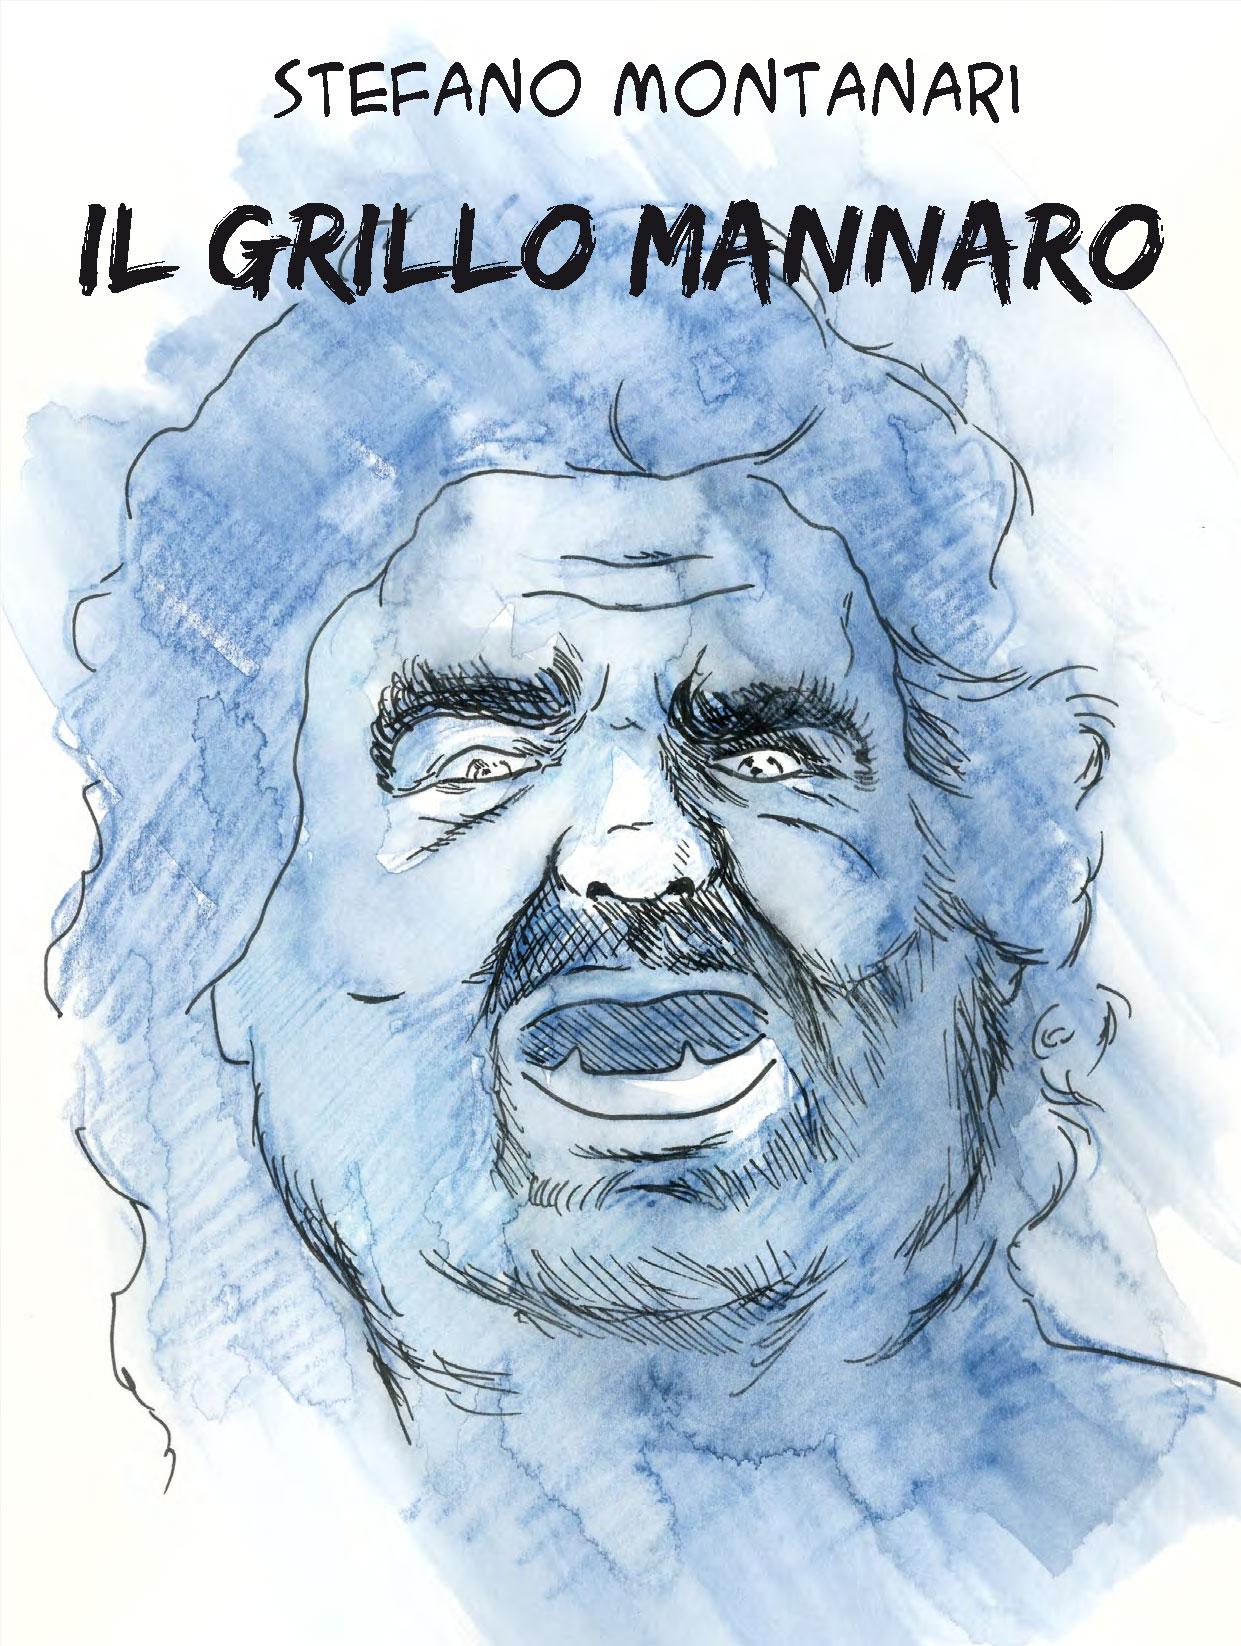 Il Grillo Mannaro